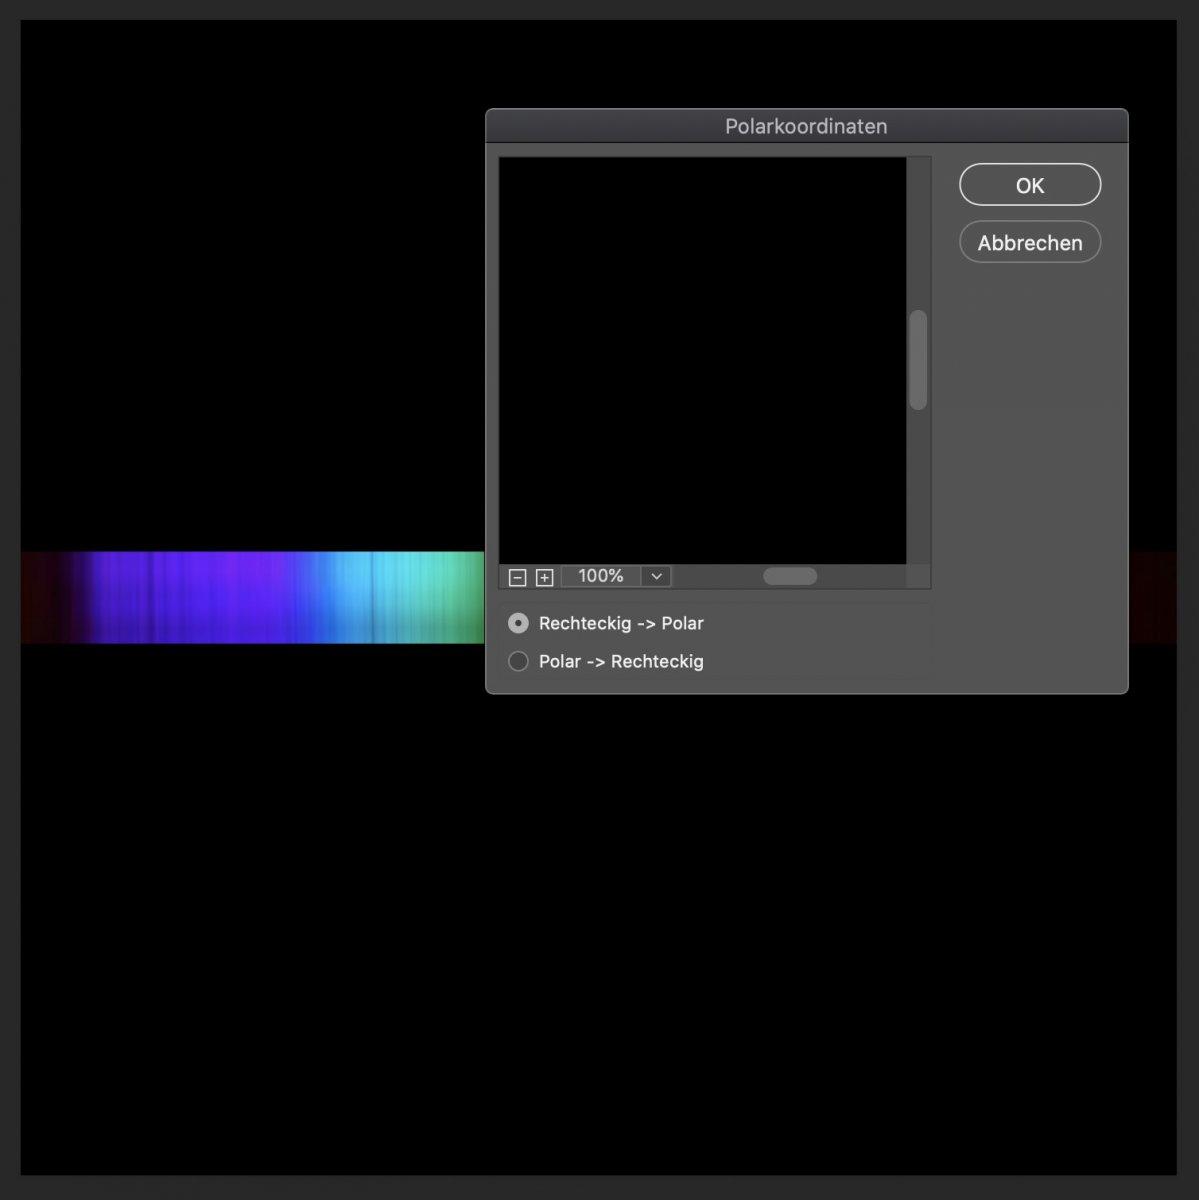 Bildschirmfoto 2020-08-16 um 20.45.42.jpg